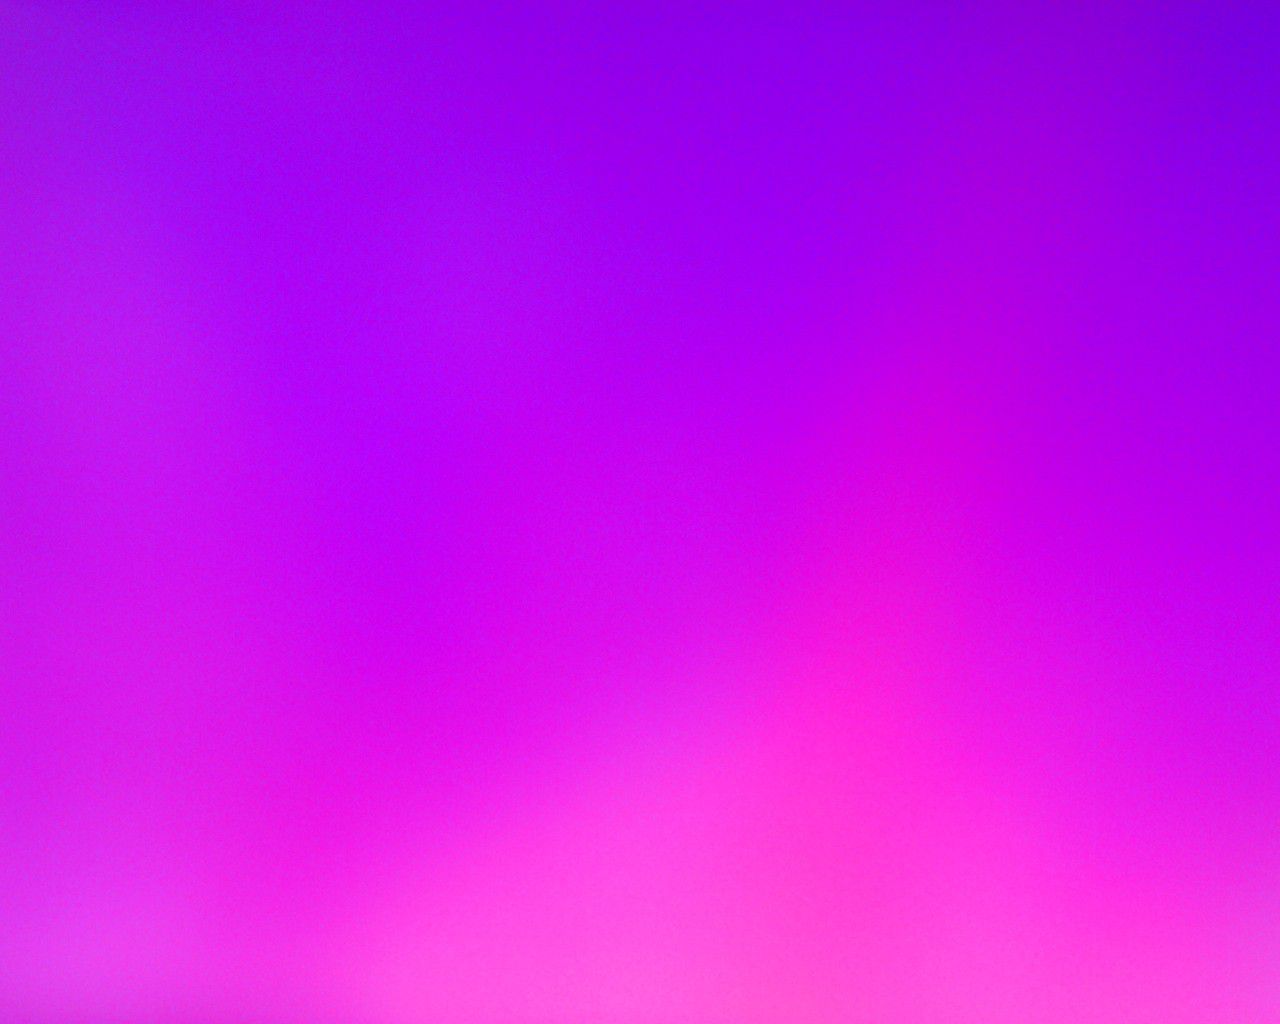 Blue Neon Hd Wallpaper Image Papier Fond Texture Rose Violet Tube Pour La